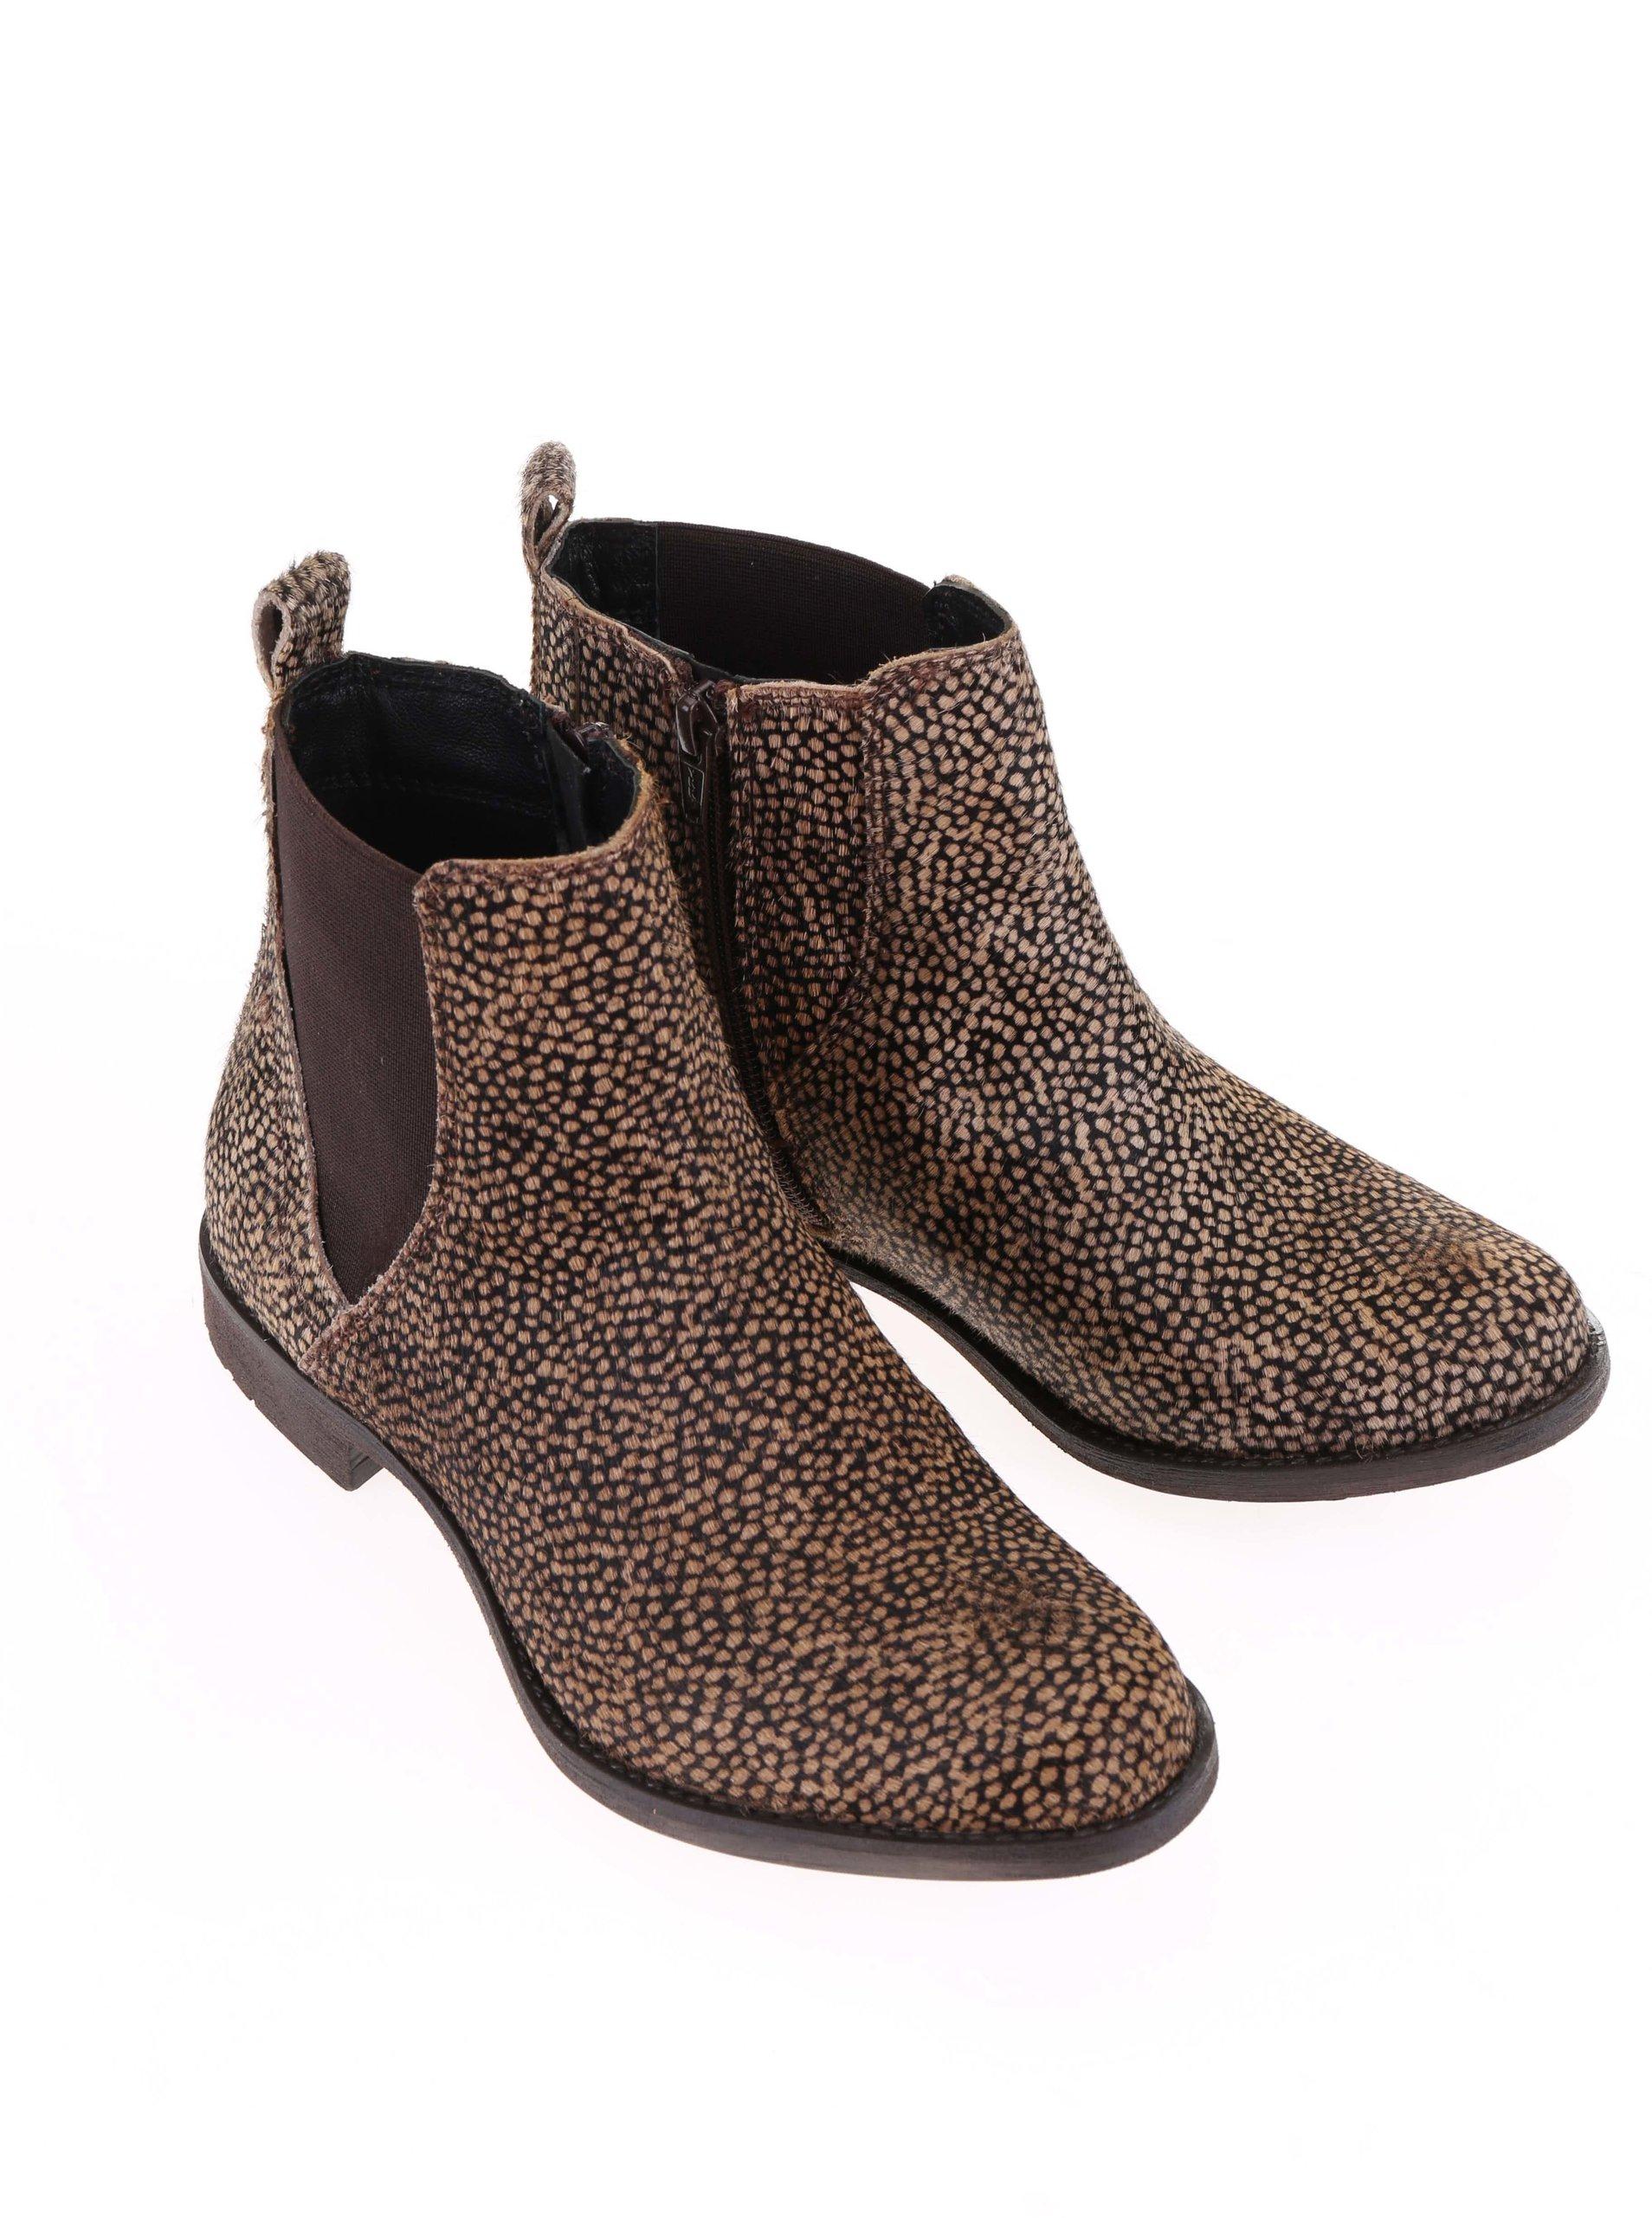 Čierno-hnedé dámske kožené členkové topánky Bullboxer ... c2ea497f83b